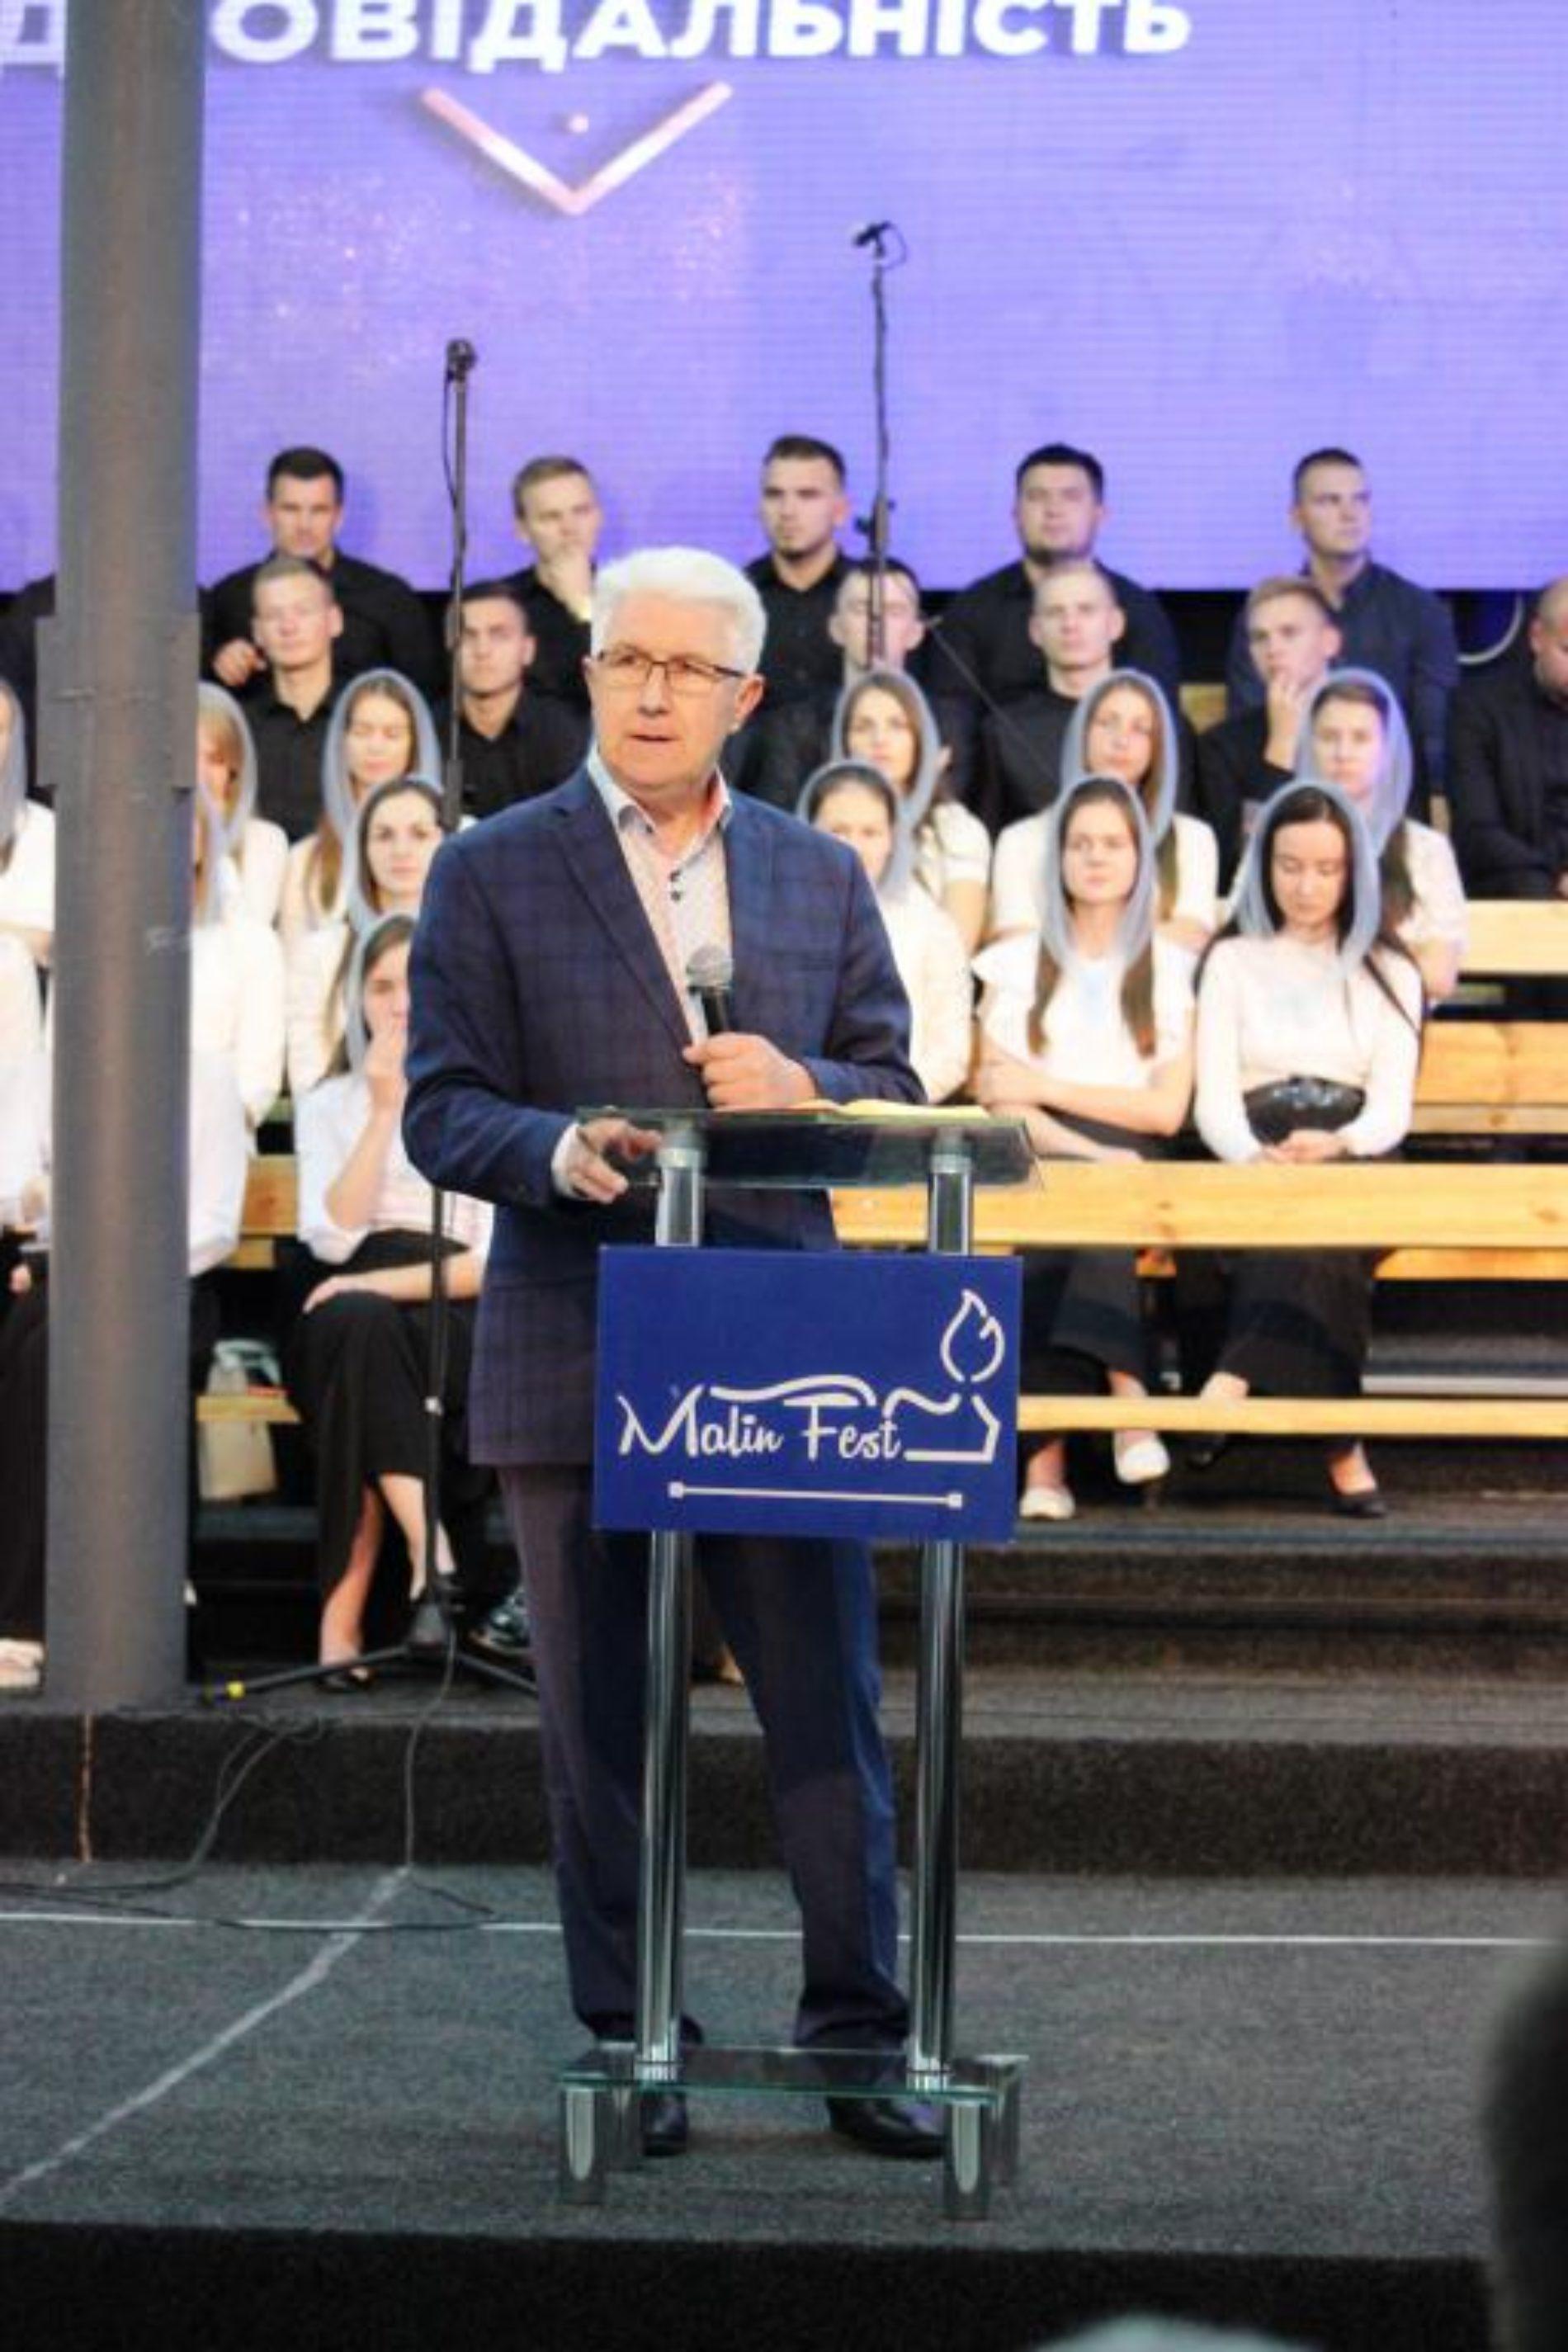 Михайло Паночко: «МалинФест – це рух реформації молодих сердець»